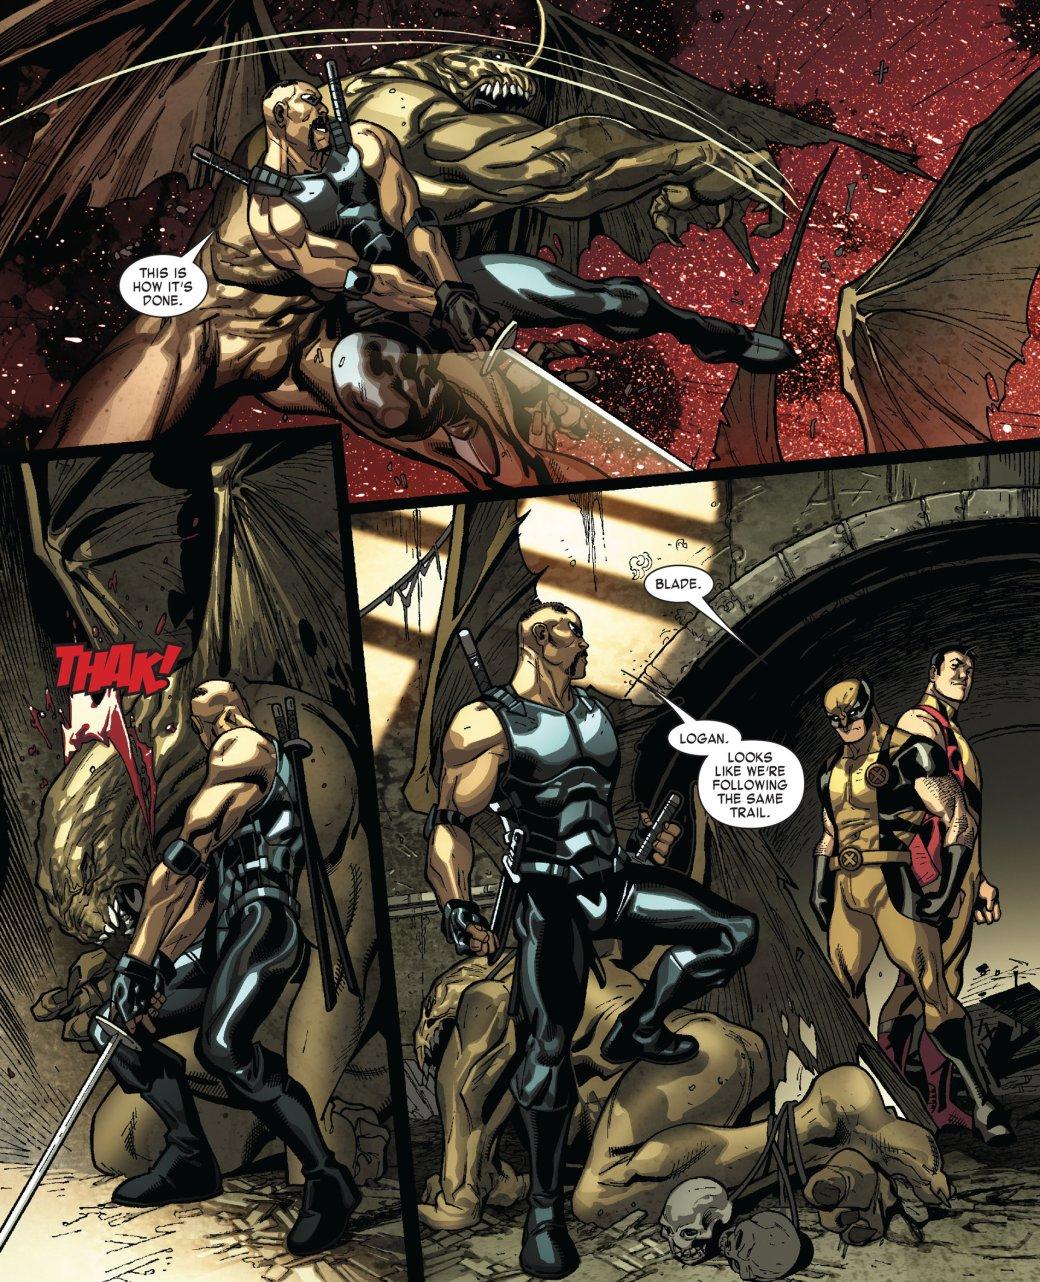 Кто такой Блэйд? Отохотника навампиров дочлена Мстителей исоюзника Людей Икс | Канобу - Изображение 146